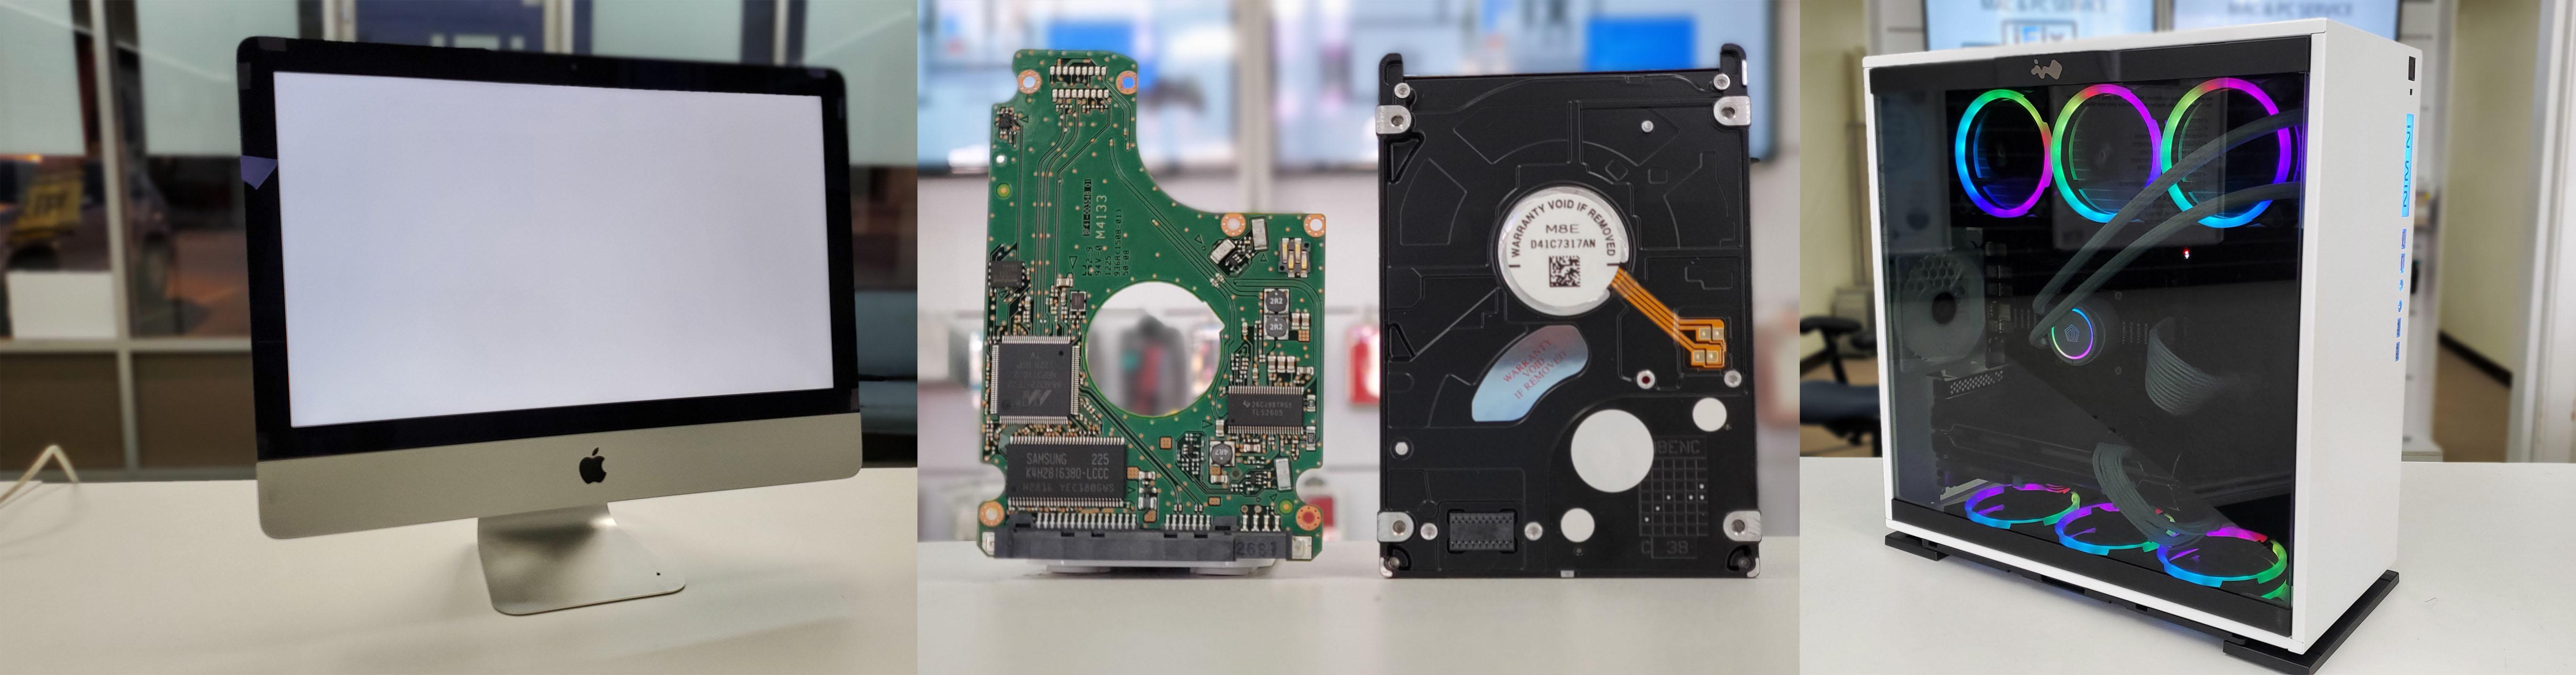 mac pc and data recovery ifixdallas plano